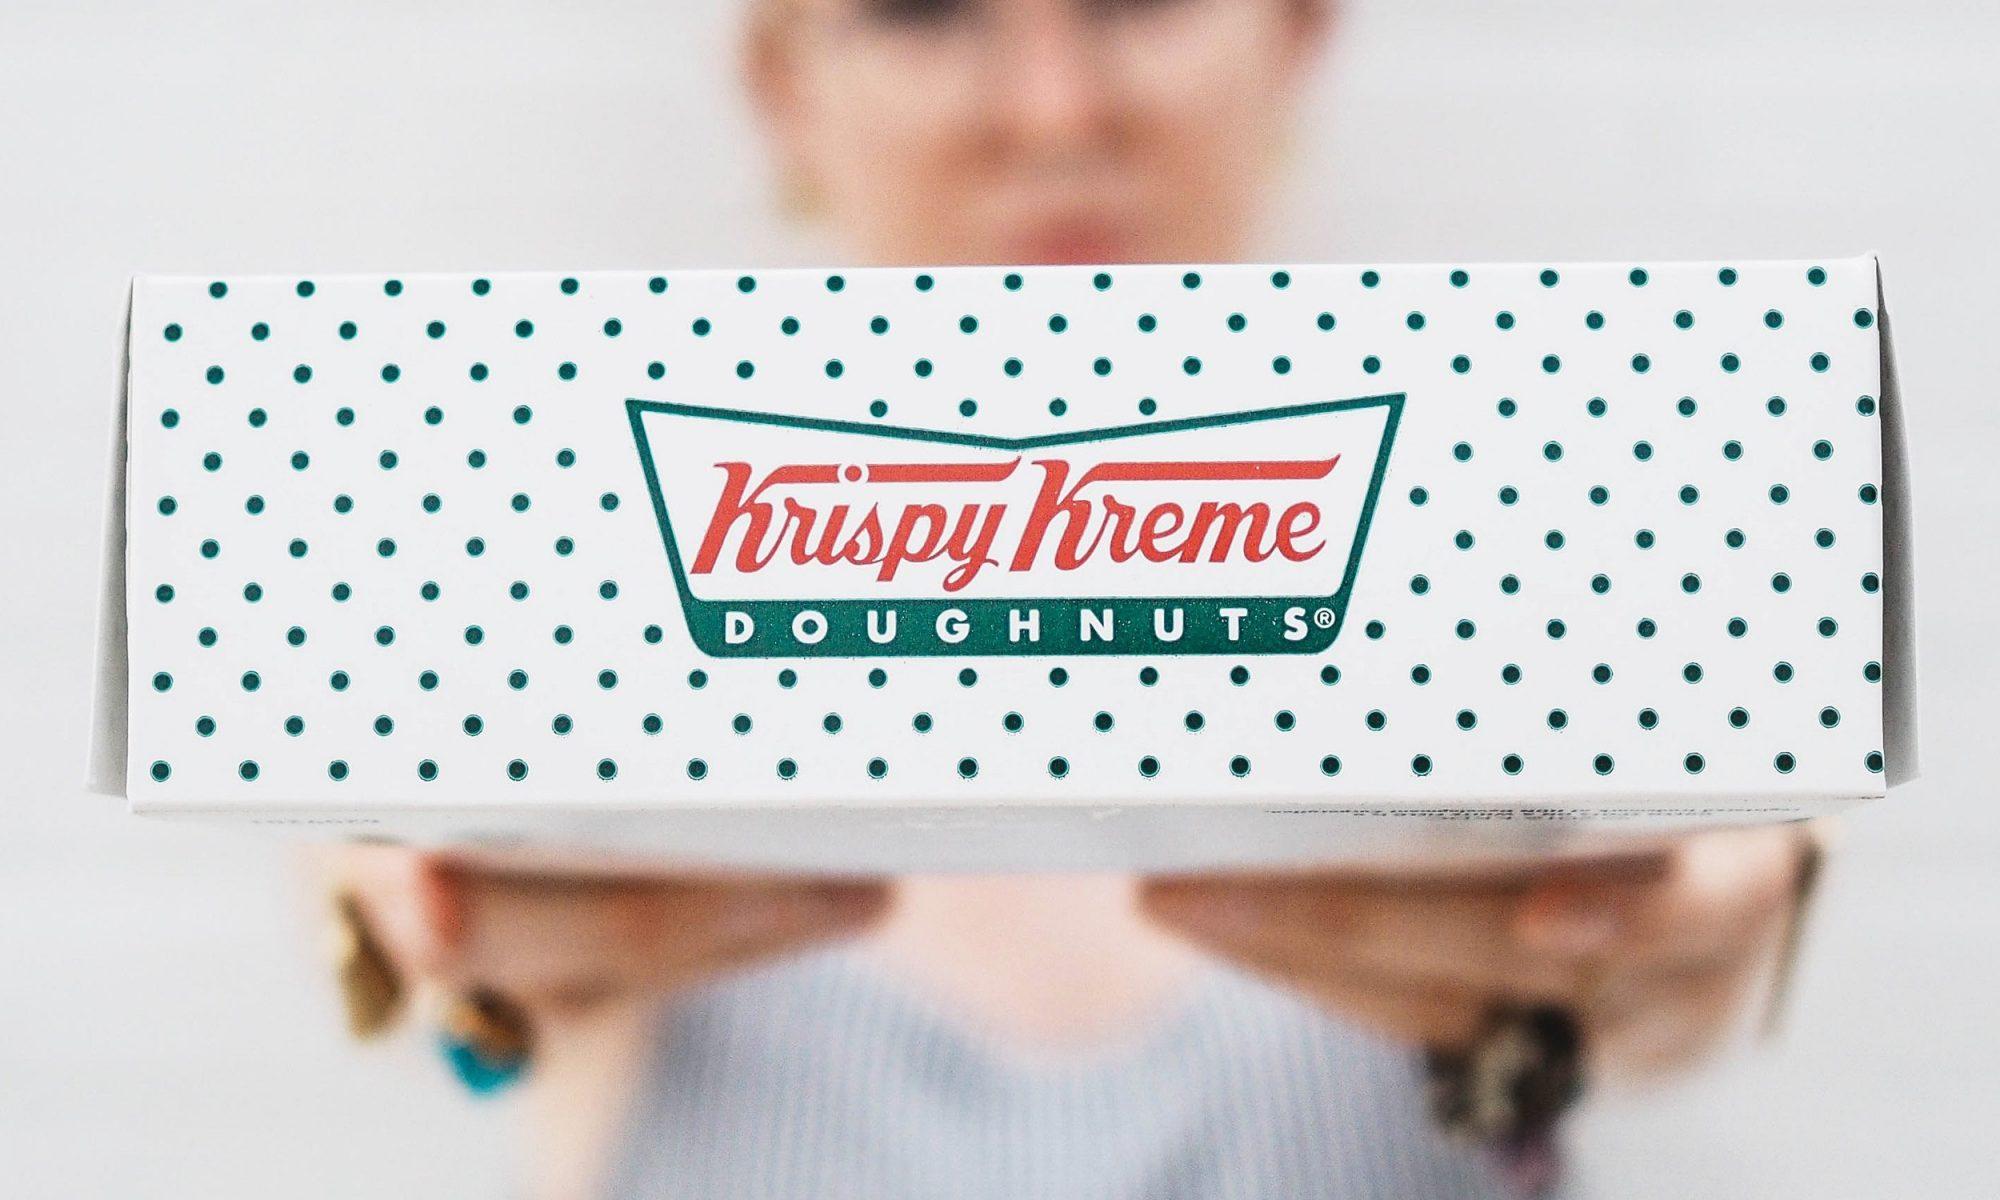 EC: Krispy Kreme's Friday the 13th Deal: Get 2 Dozen Doughnuts for Just $13